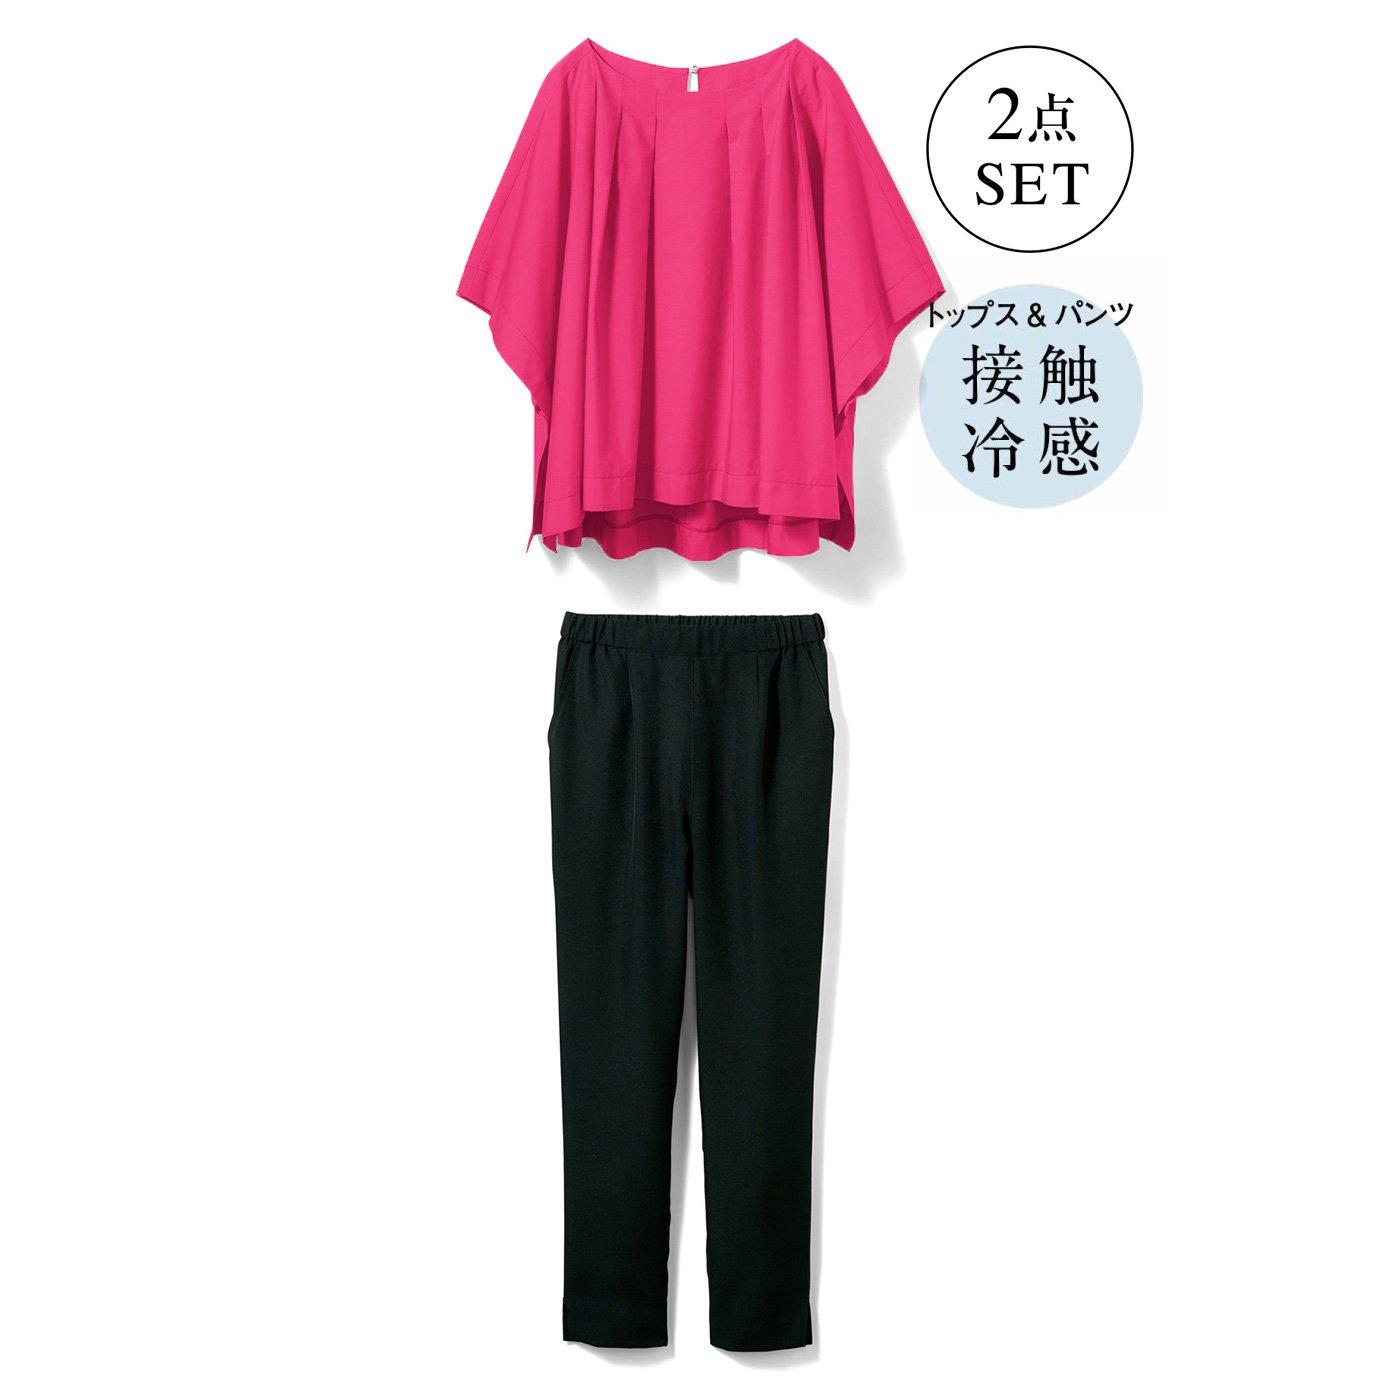 牧野紗弥さん×IEDIT[イディット] 女っぽさもカジュアルもかなえる パンツコーディネイトセット〈フューシャピンク×ブラック〉